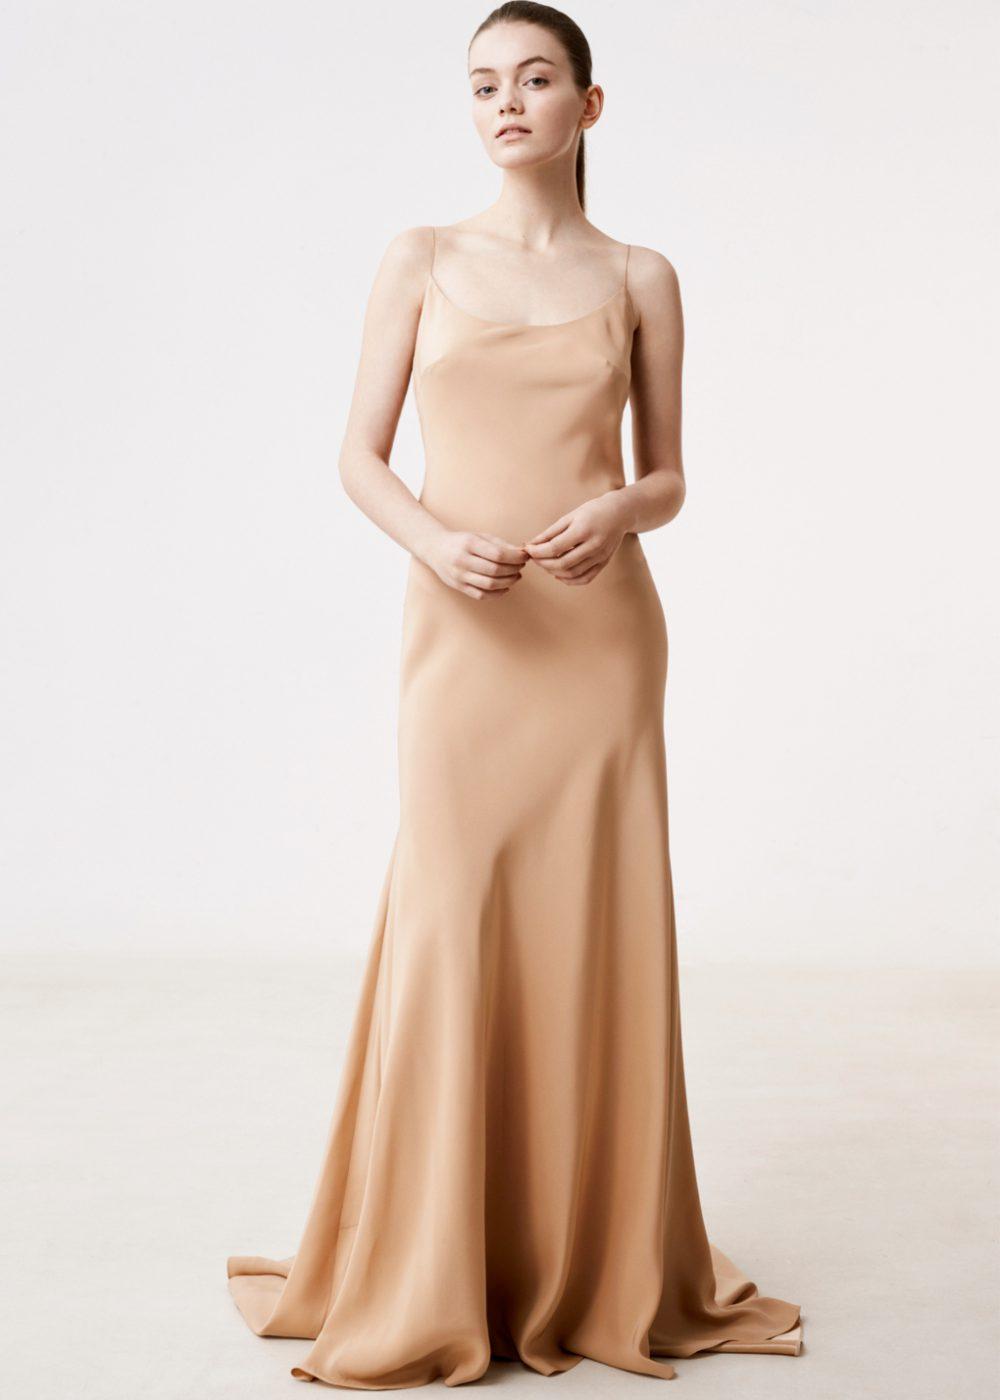 Edouard-robe-de-mariee-nude-createur-paris-1